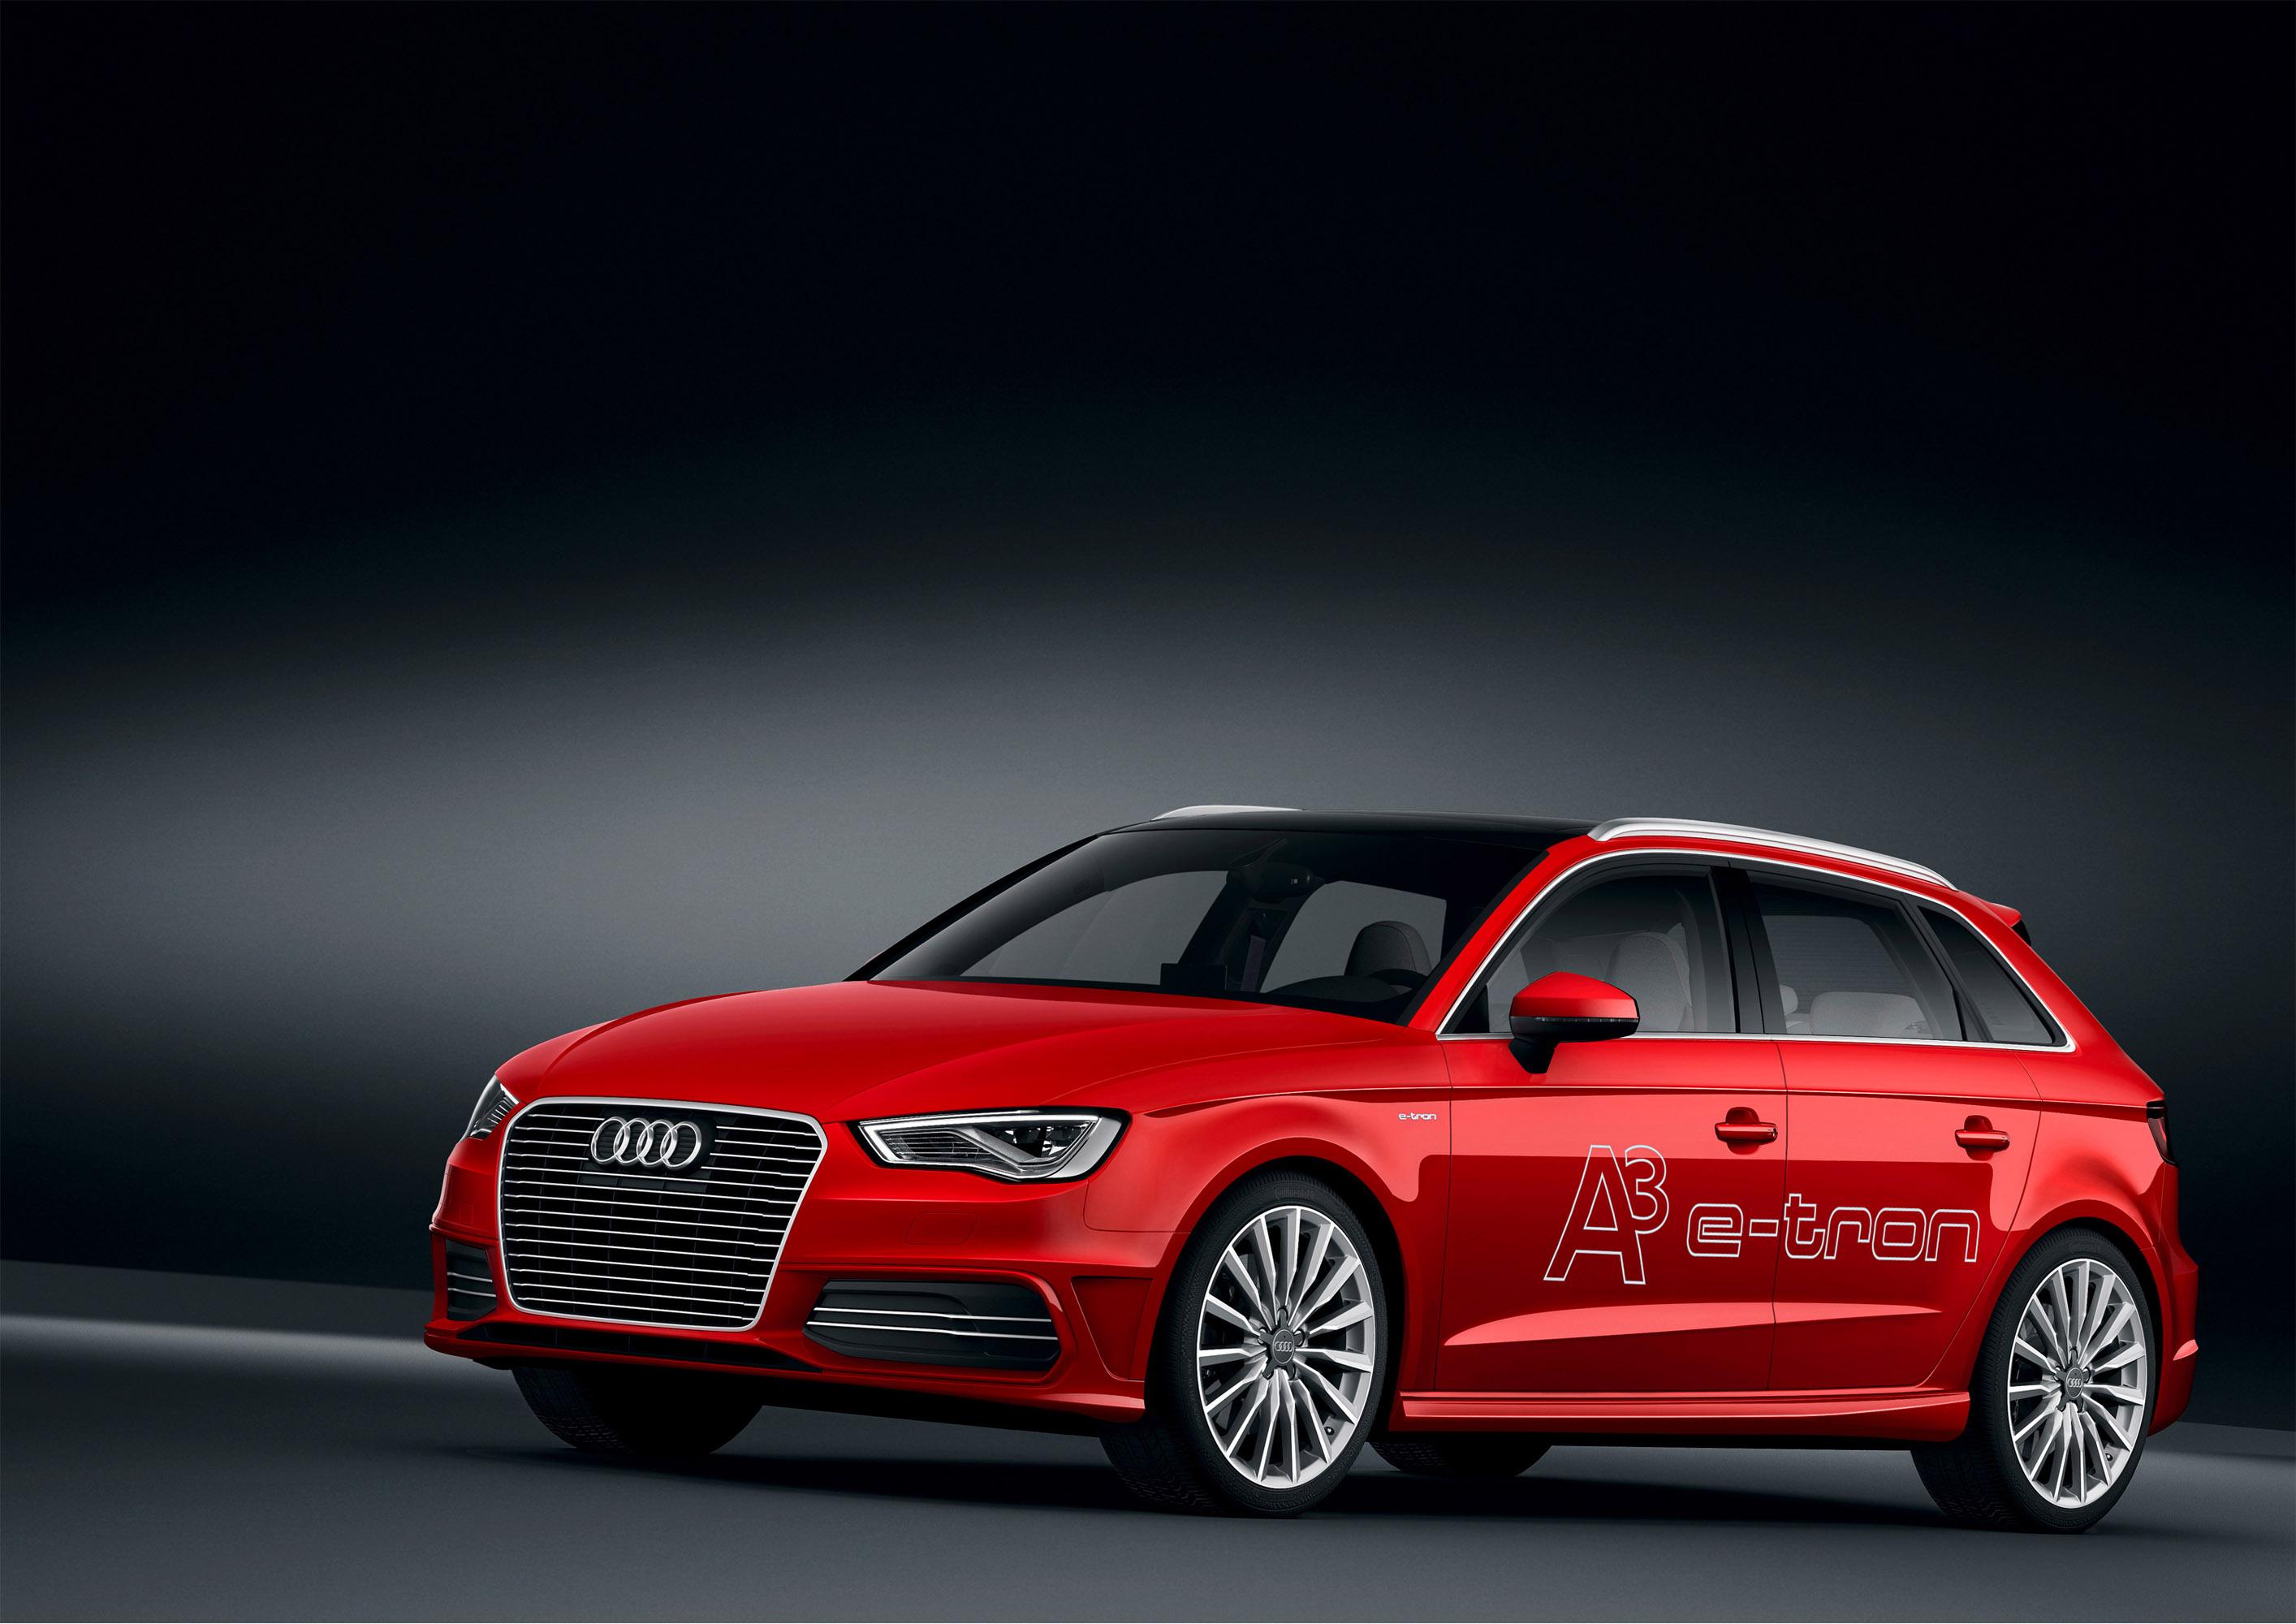 2014 Audi A3 e-tron обеспечивает эффективность и инновации  - фотография №1